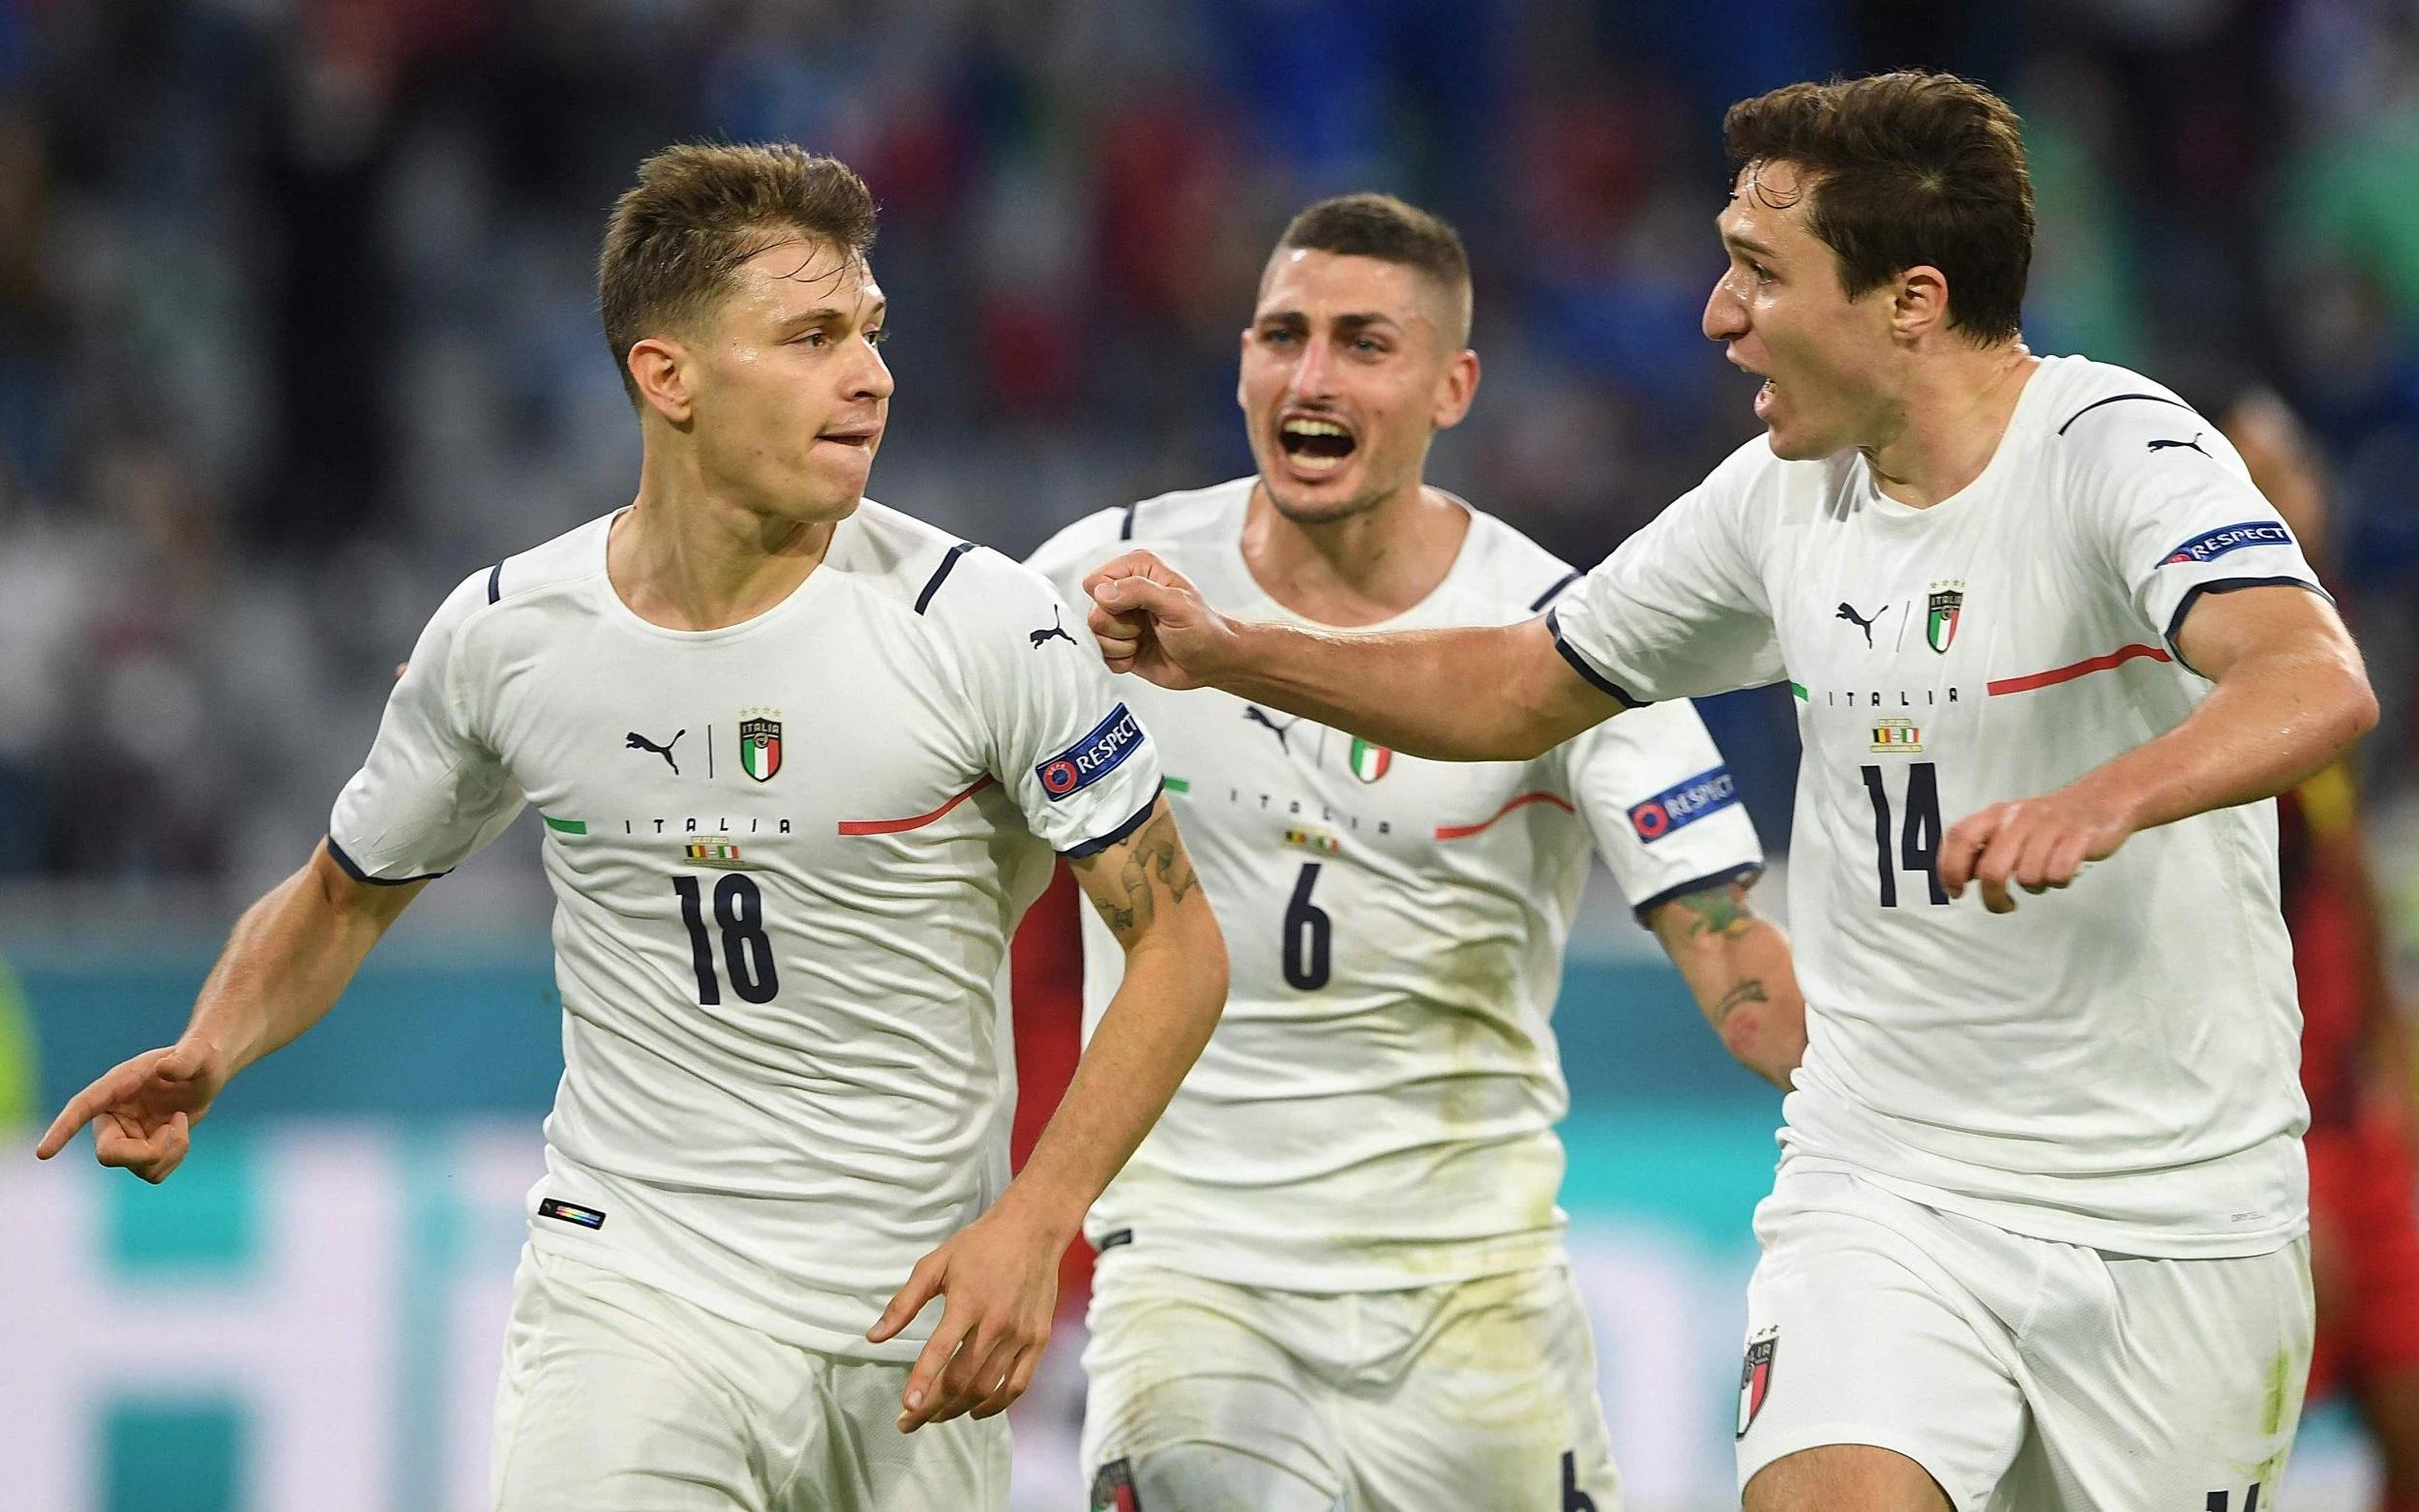 Singkirkan Belgia, Italia ke Semi Final EURO 2020